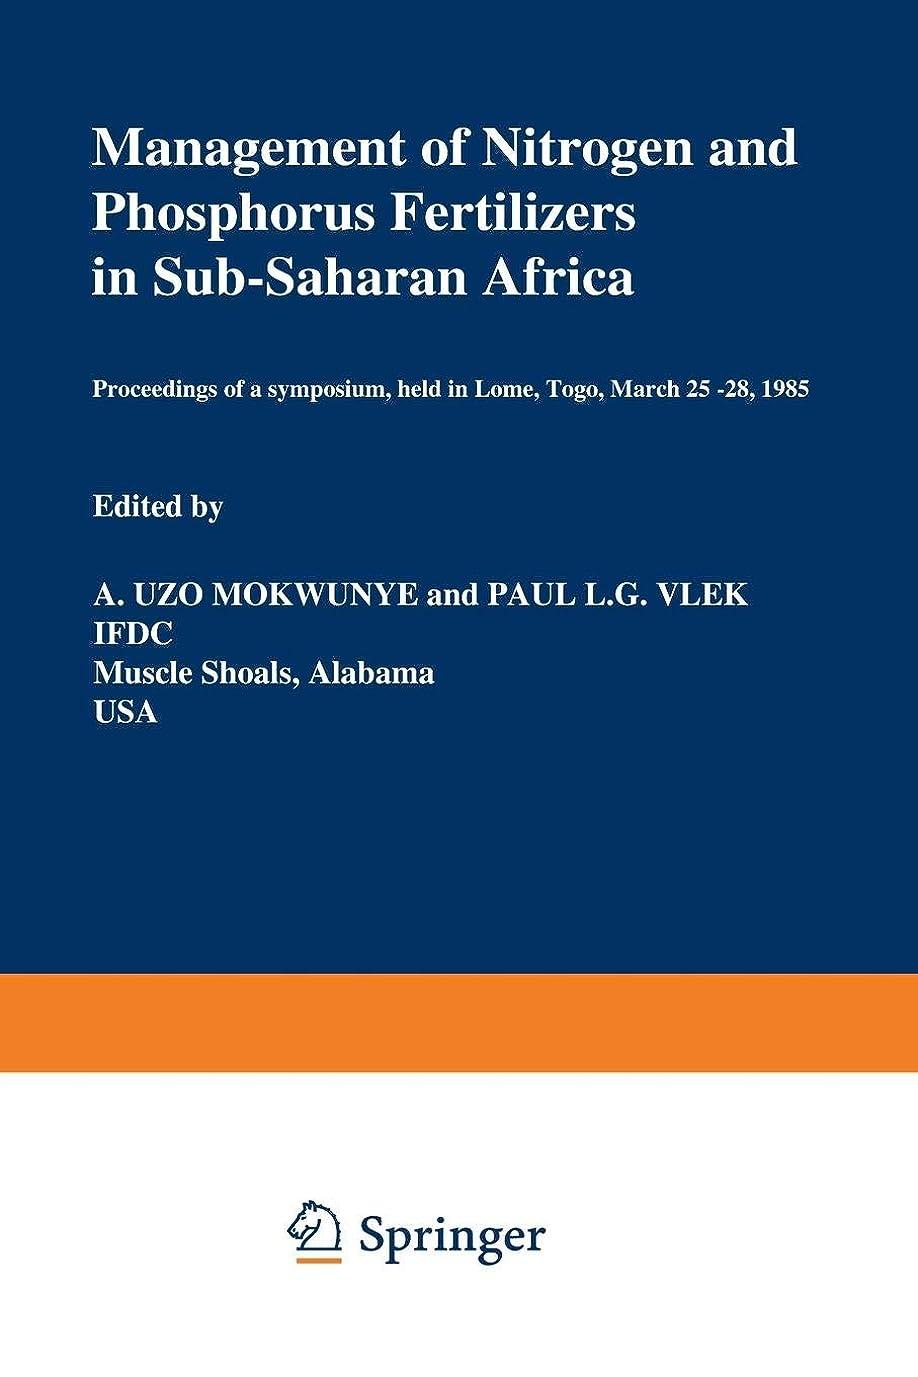 滝アーティストジョイントManagement of Nitrogen and Phosphorus Fertilizers in Sub-Saharan Africa: Proceedings of a symposium, held in Lome, Togo, March 25–28, 1985 (Developments in Plant and Soil Sciences)